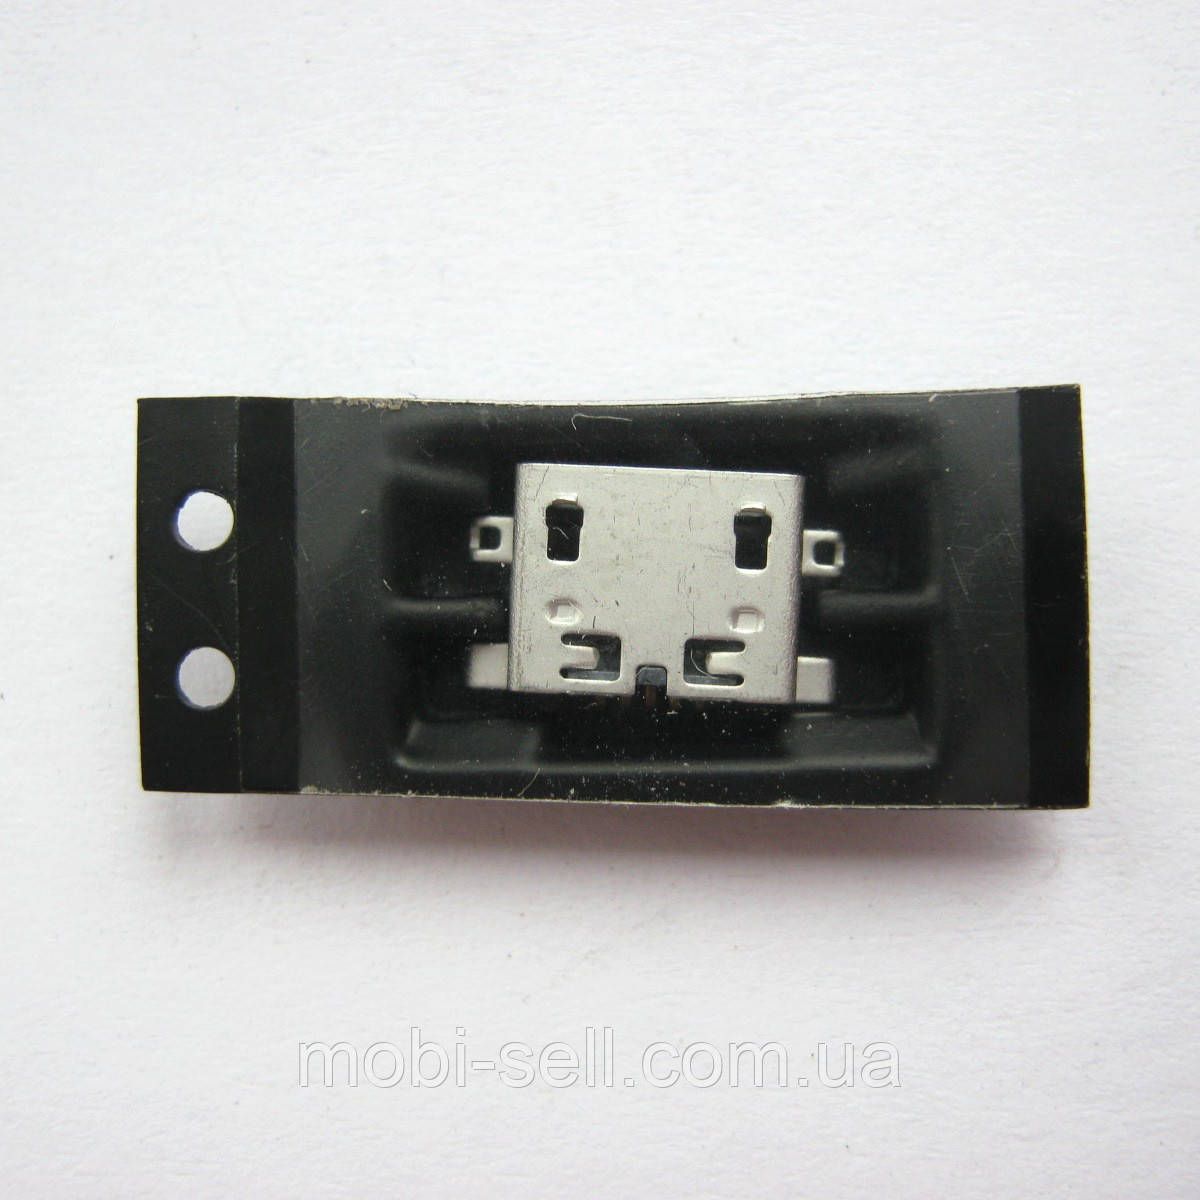 Коннектор зарядки и USB, 5 PIN, универсальный